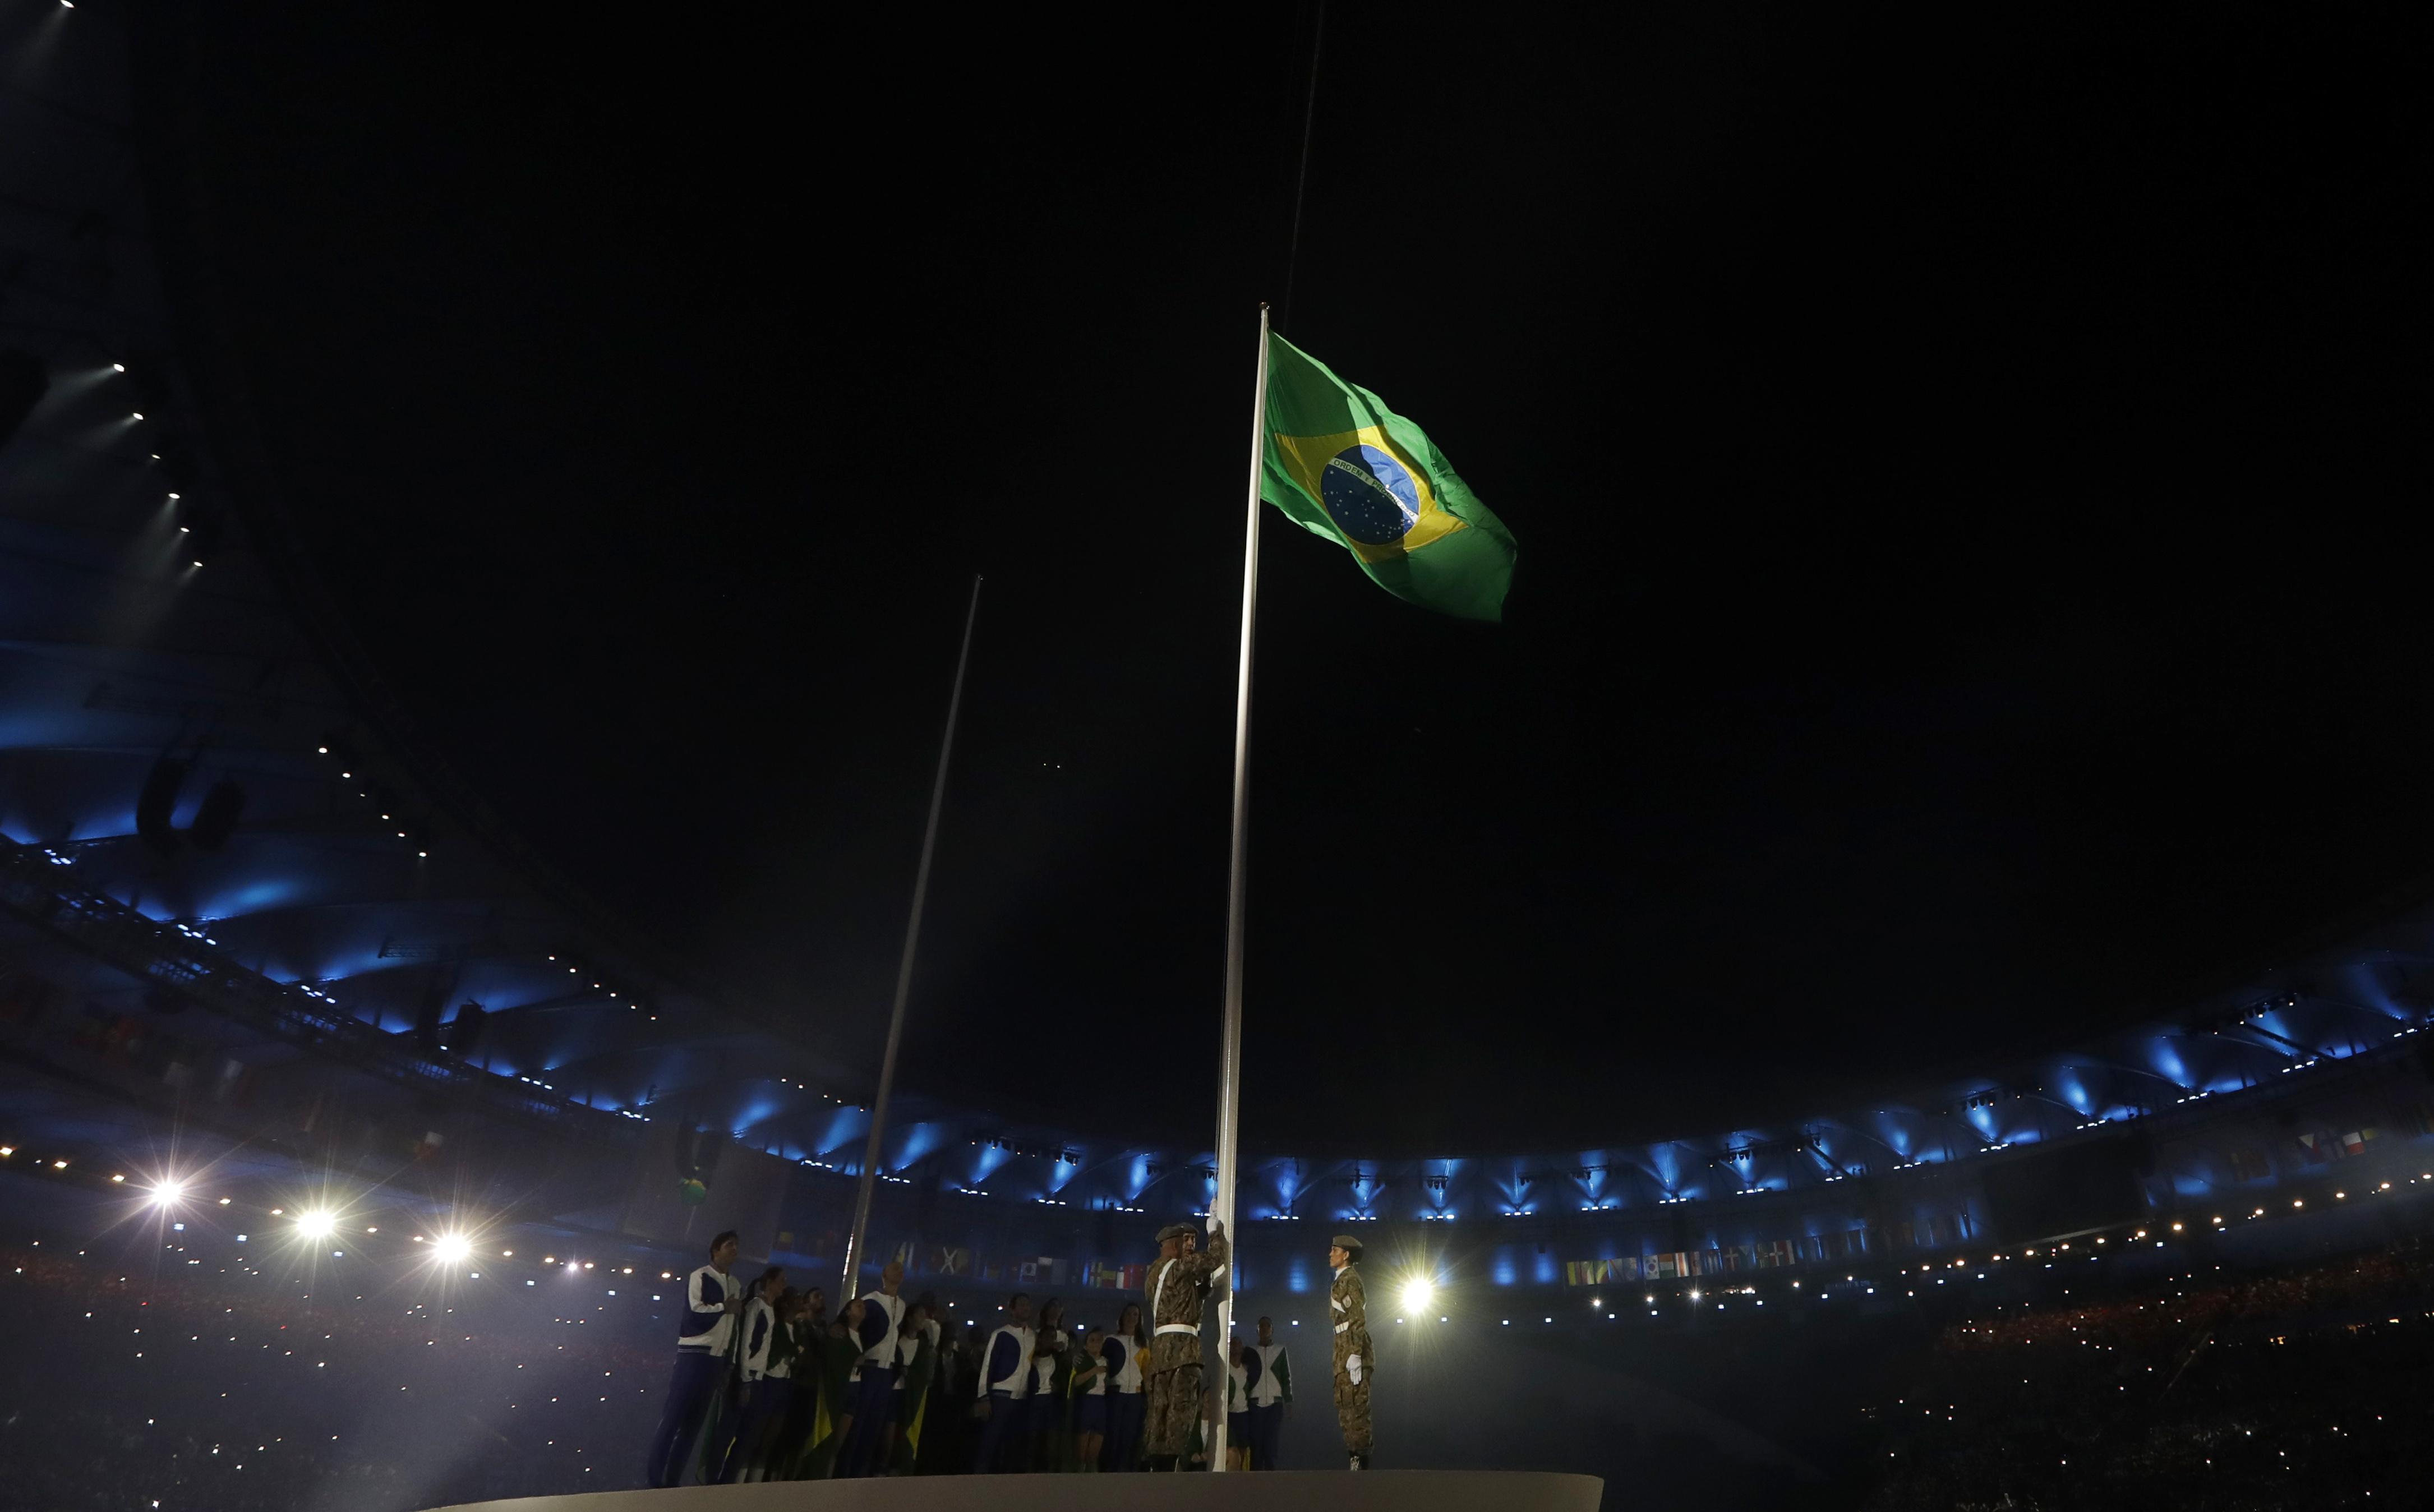 2016-08-17-1471450392-9327810-Brazilflag.jpg